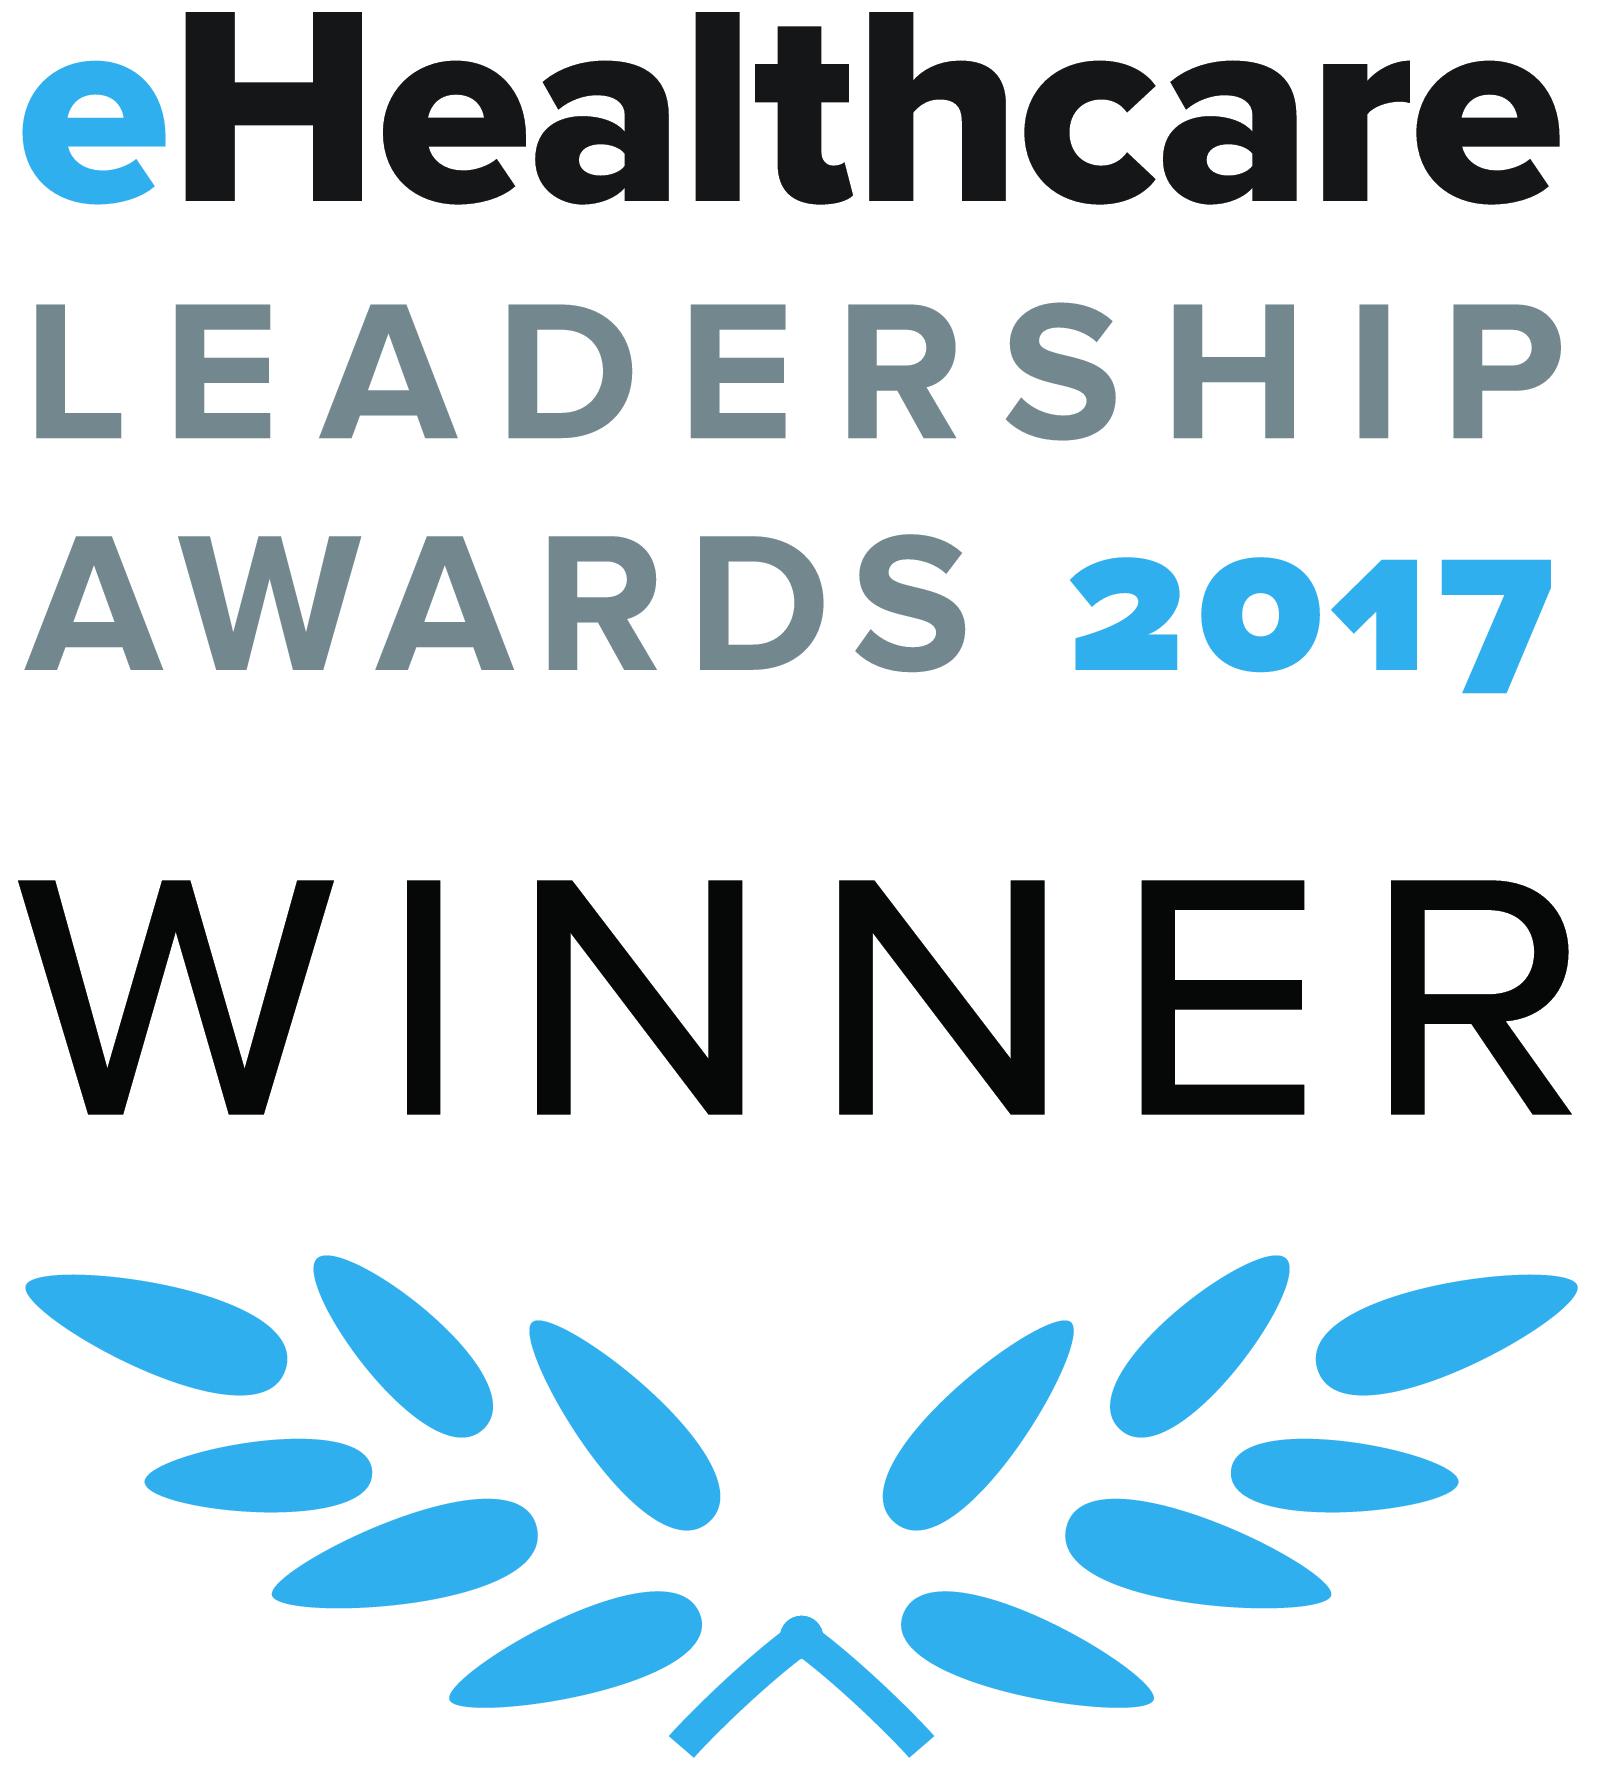 2017-ehealthcare-leadership-awards-winner-vertical.png